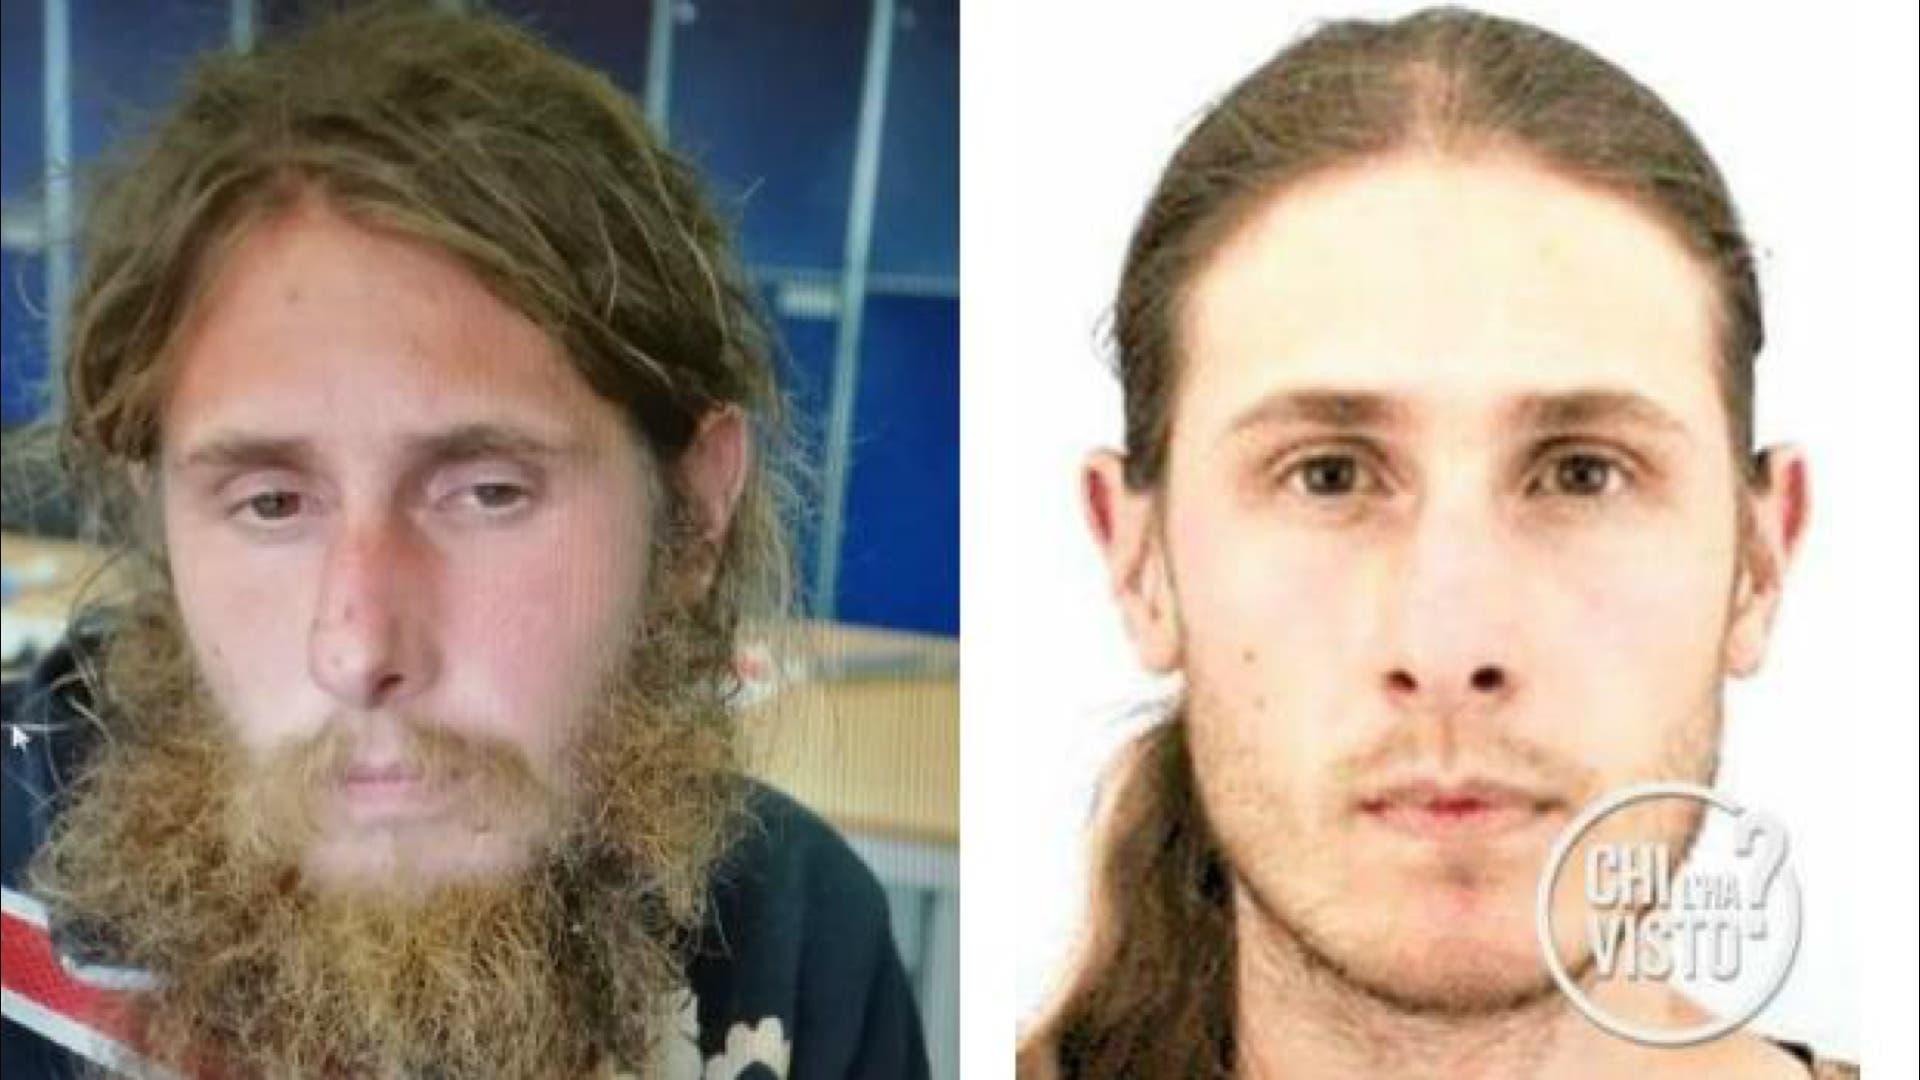 A la izquierda: El joven localizado Torrejón. A la derecha: Vladislav, desaparecido en enero (ABC).